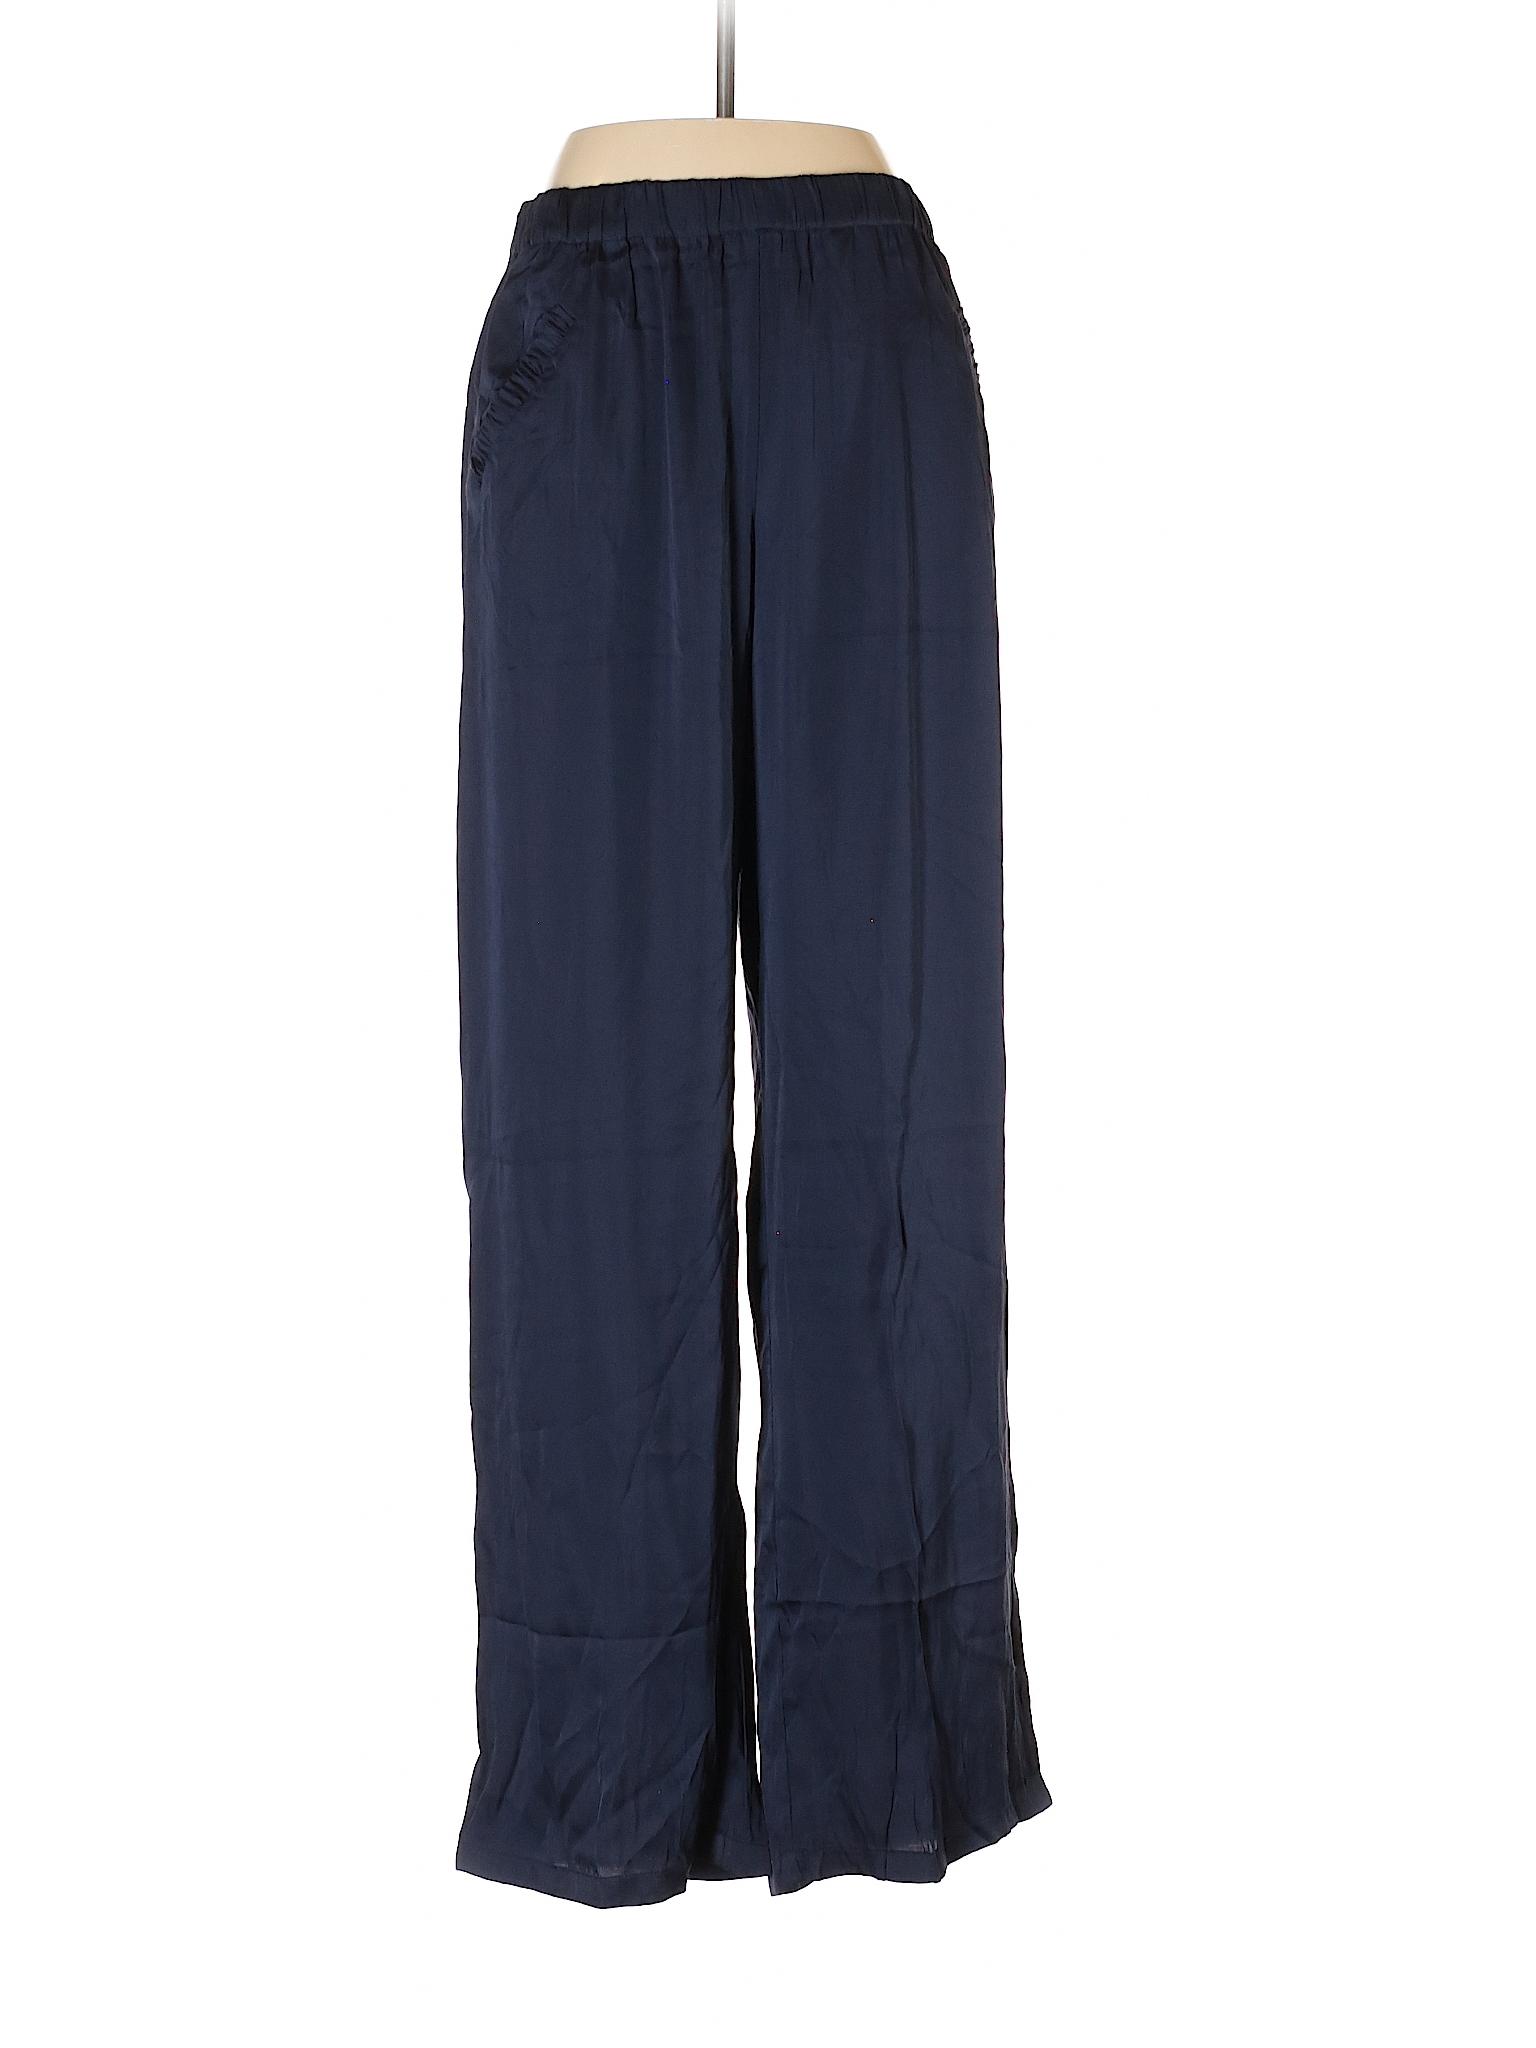 Pants Susan Casual winter Graver Boutique pB1UW